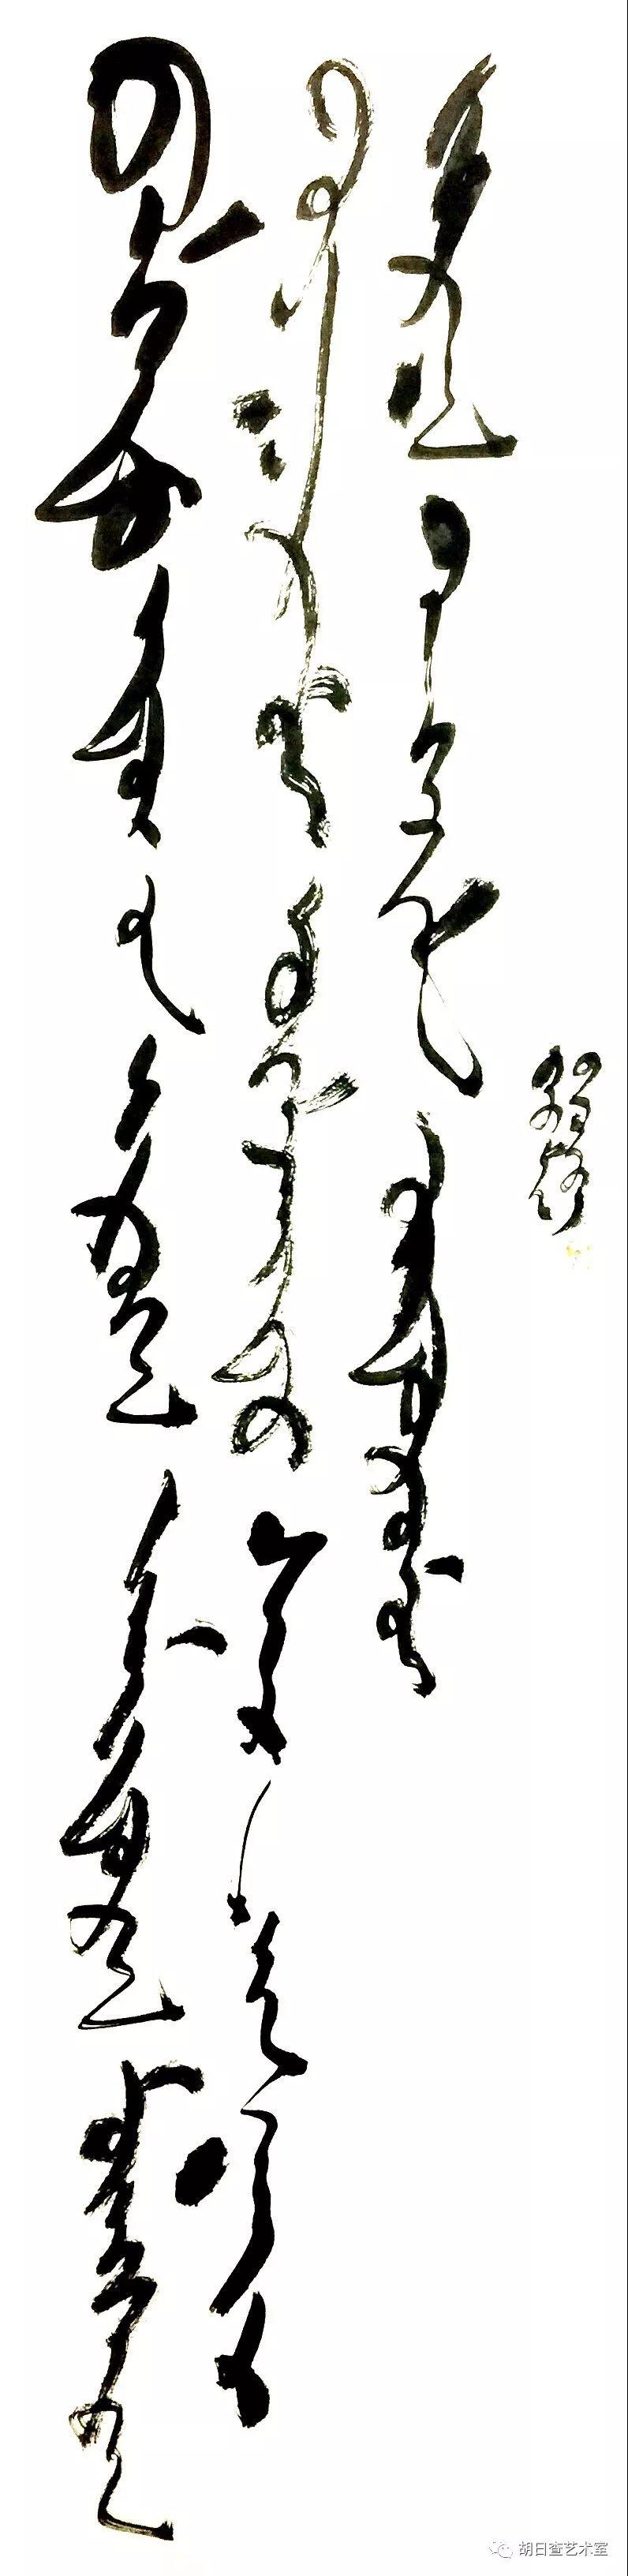 敖宝林 • 蒙古文书法作品欣赏 第13张 敖宝林 • 蒙古文书法作品欣赏 蒙古书法